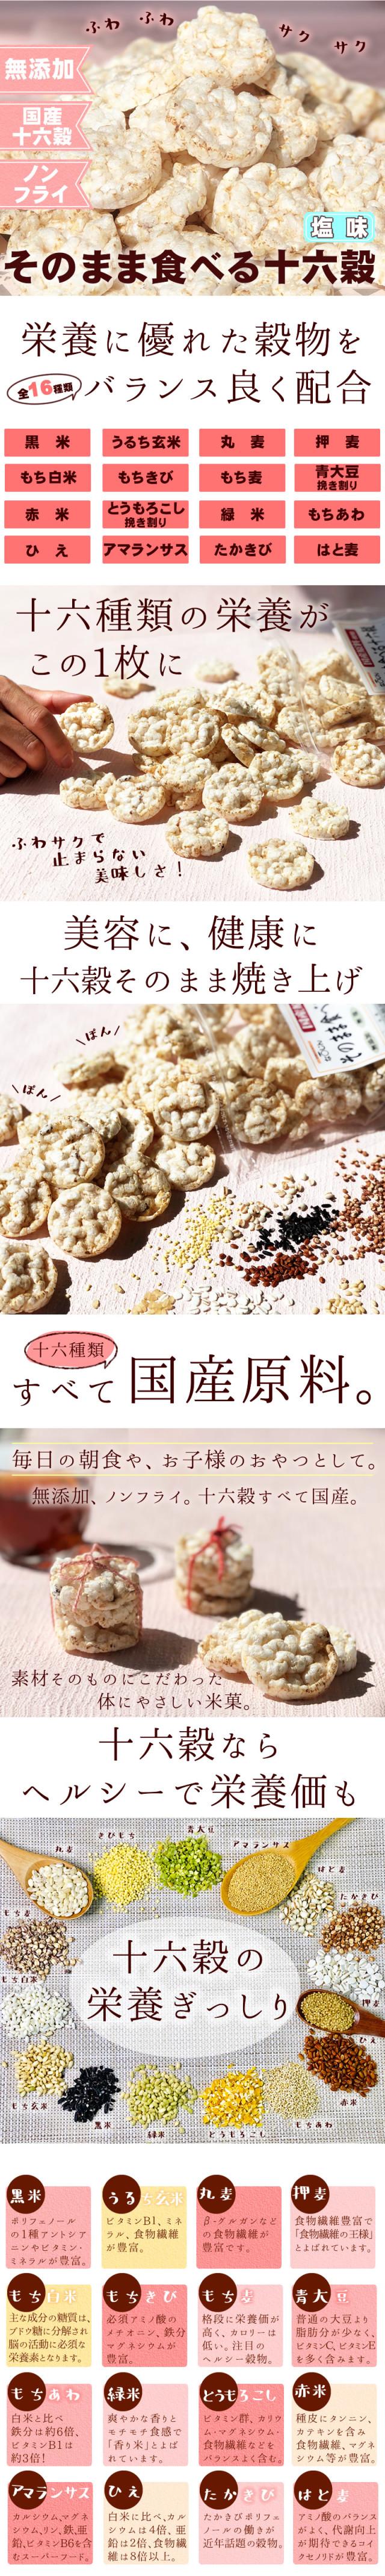 そのまま食べる十六穀(塩味)